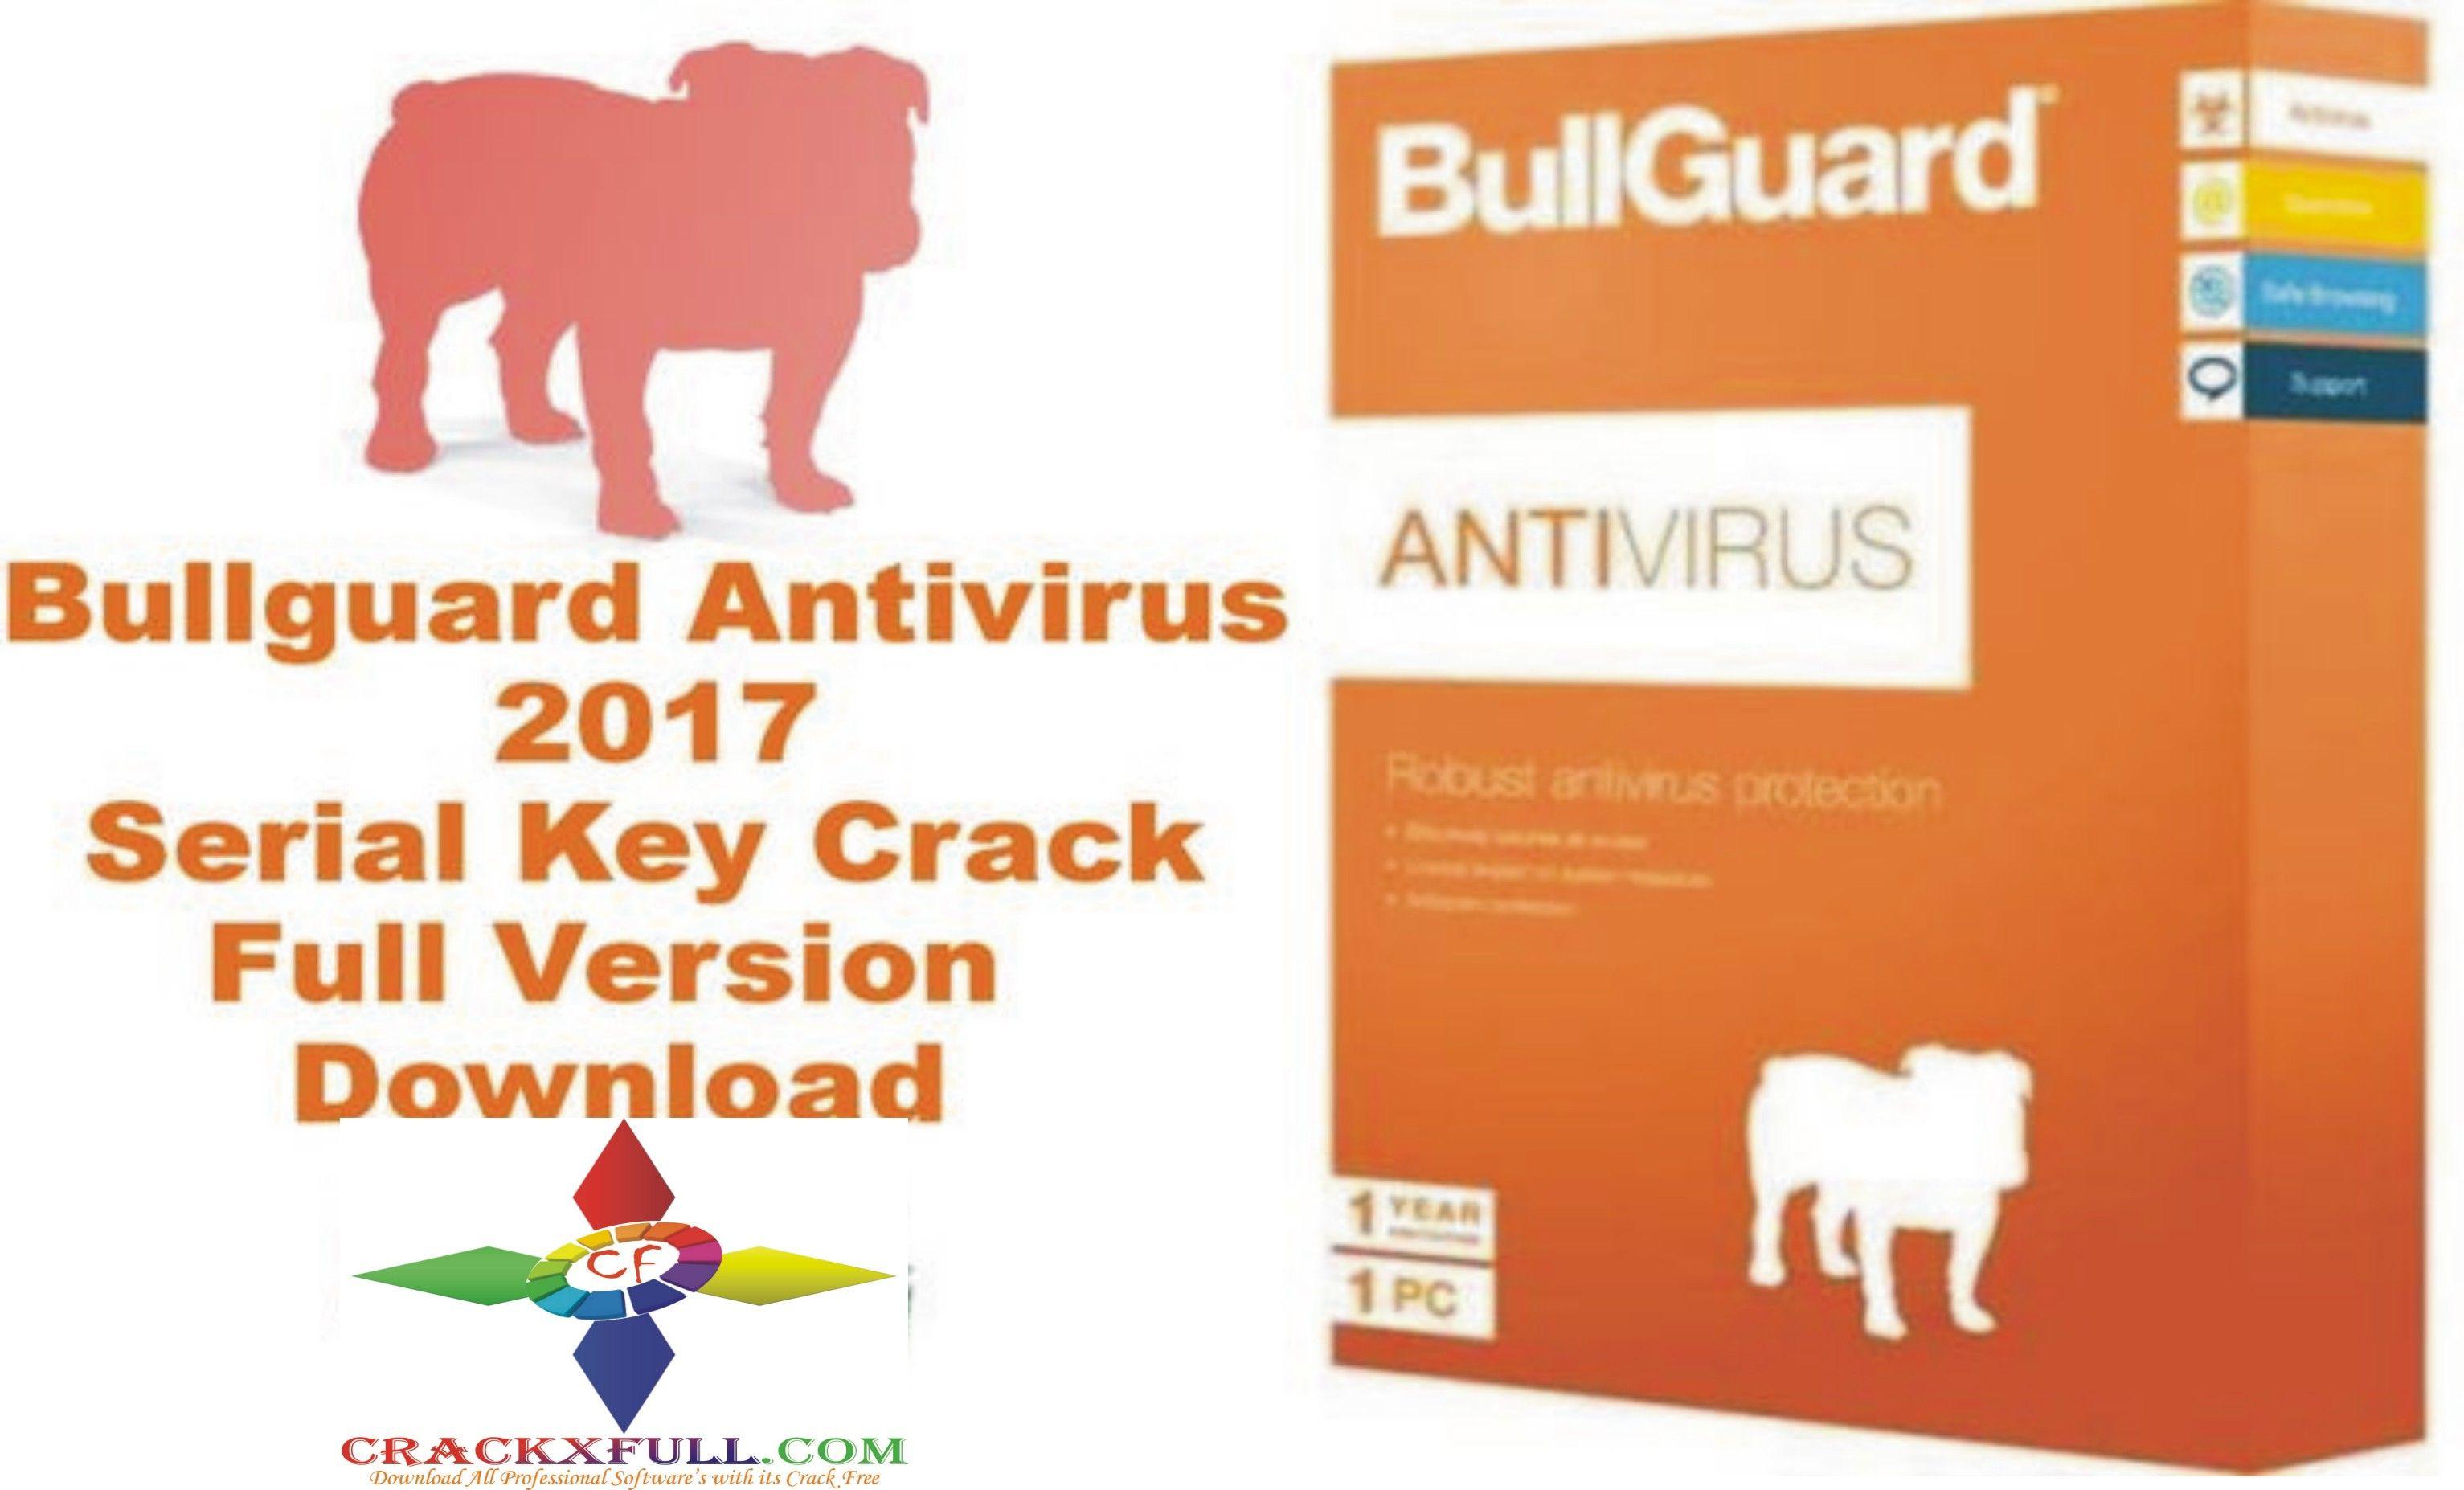 bullguard antivirus free download